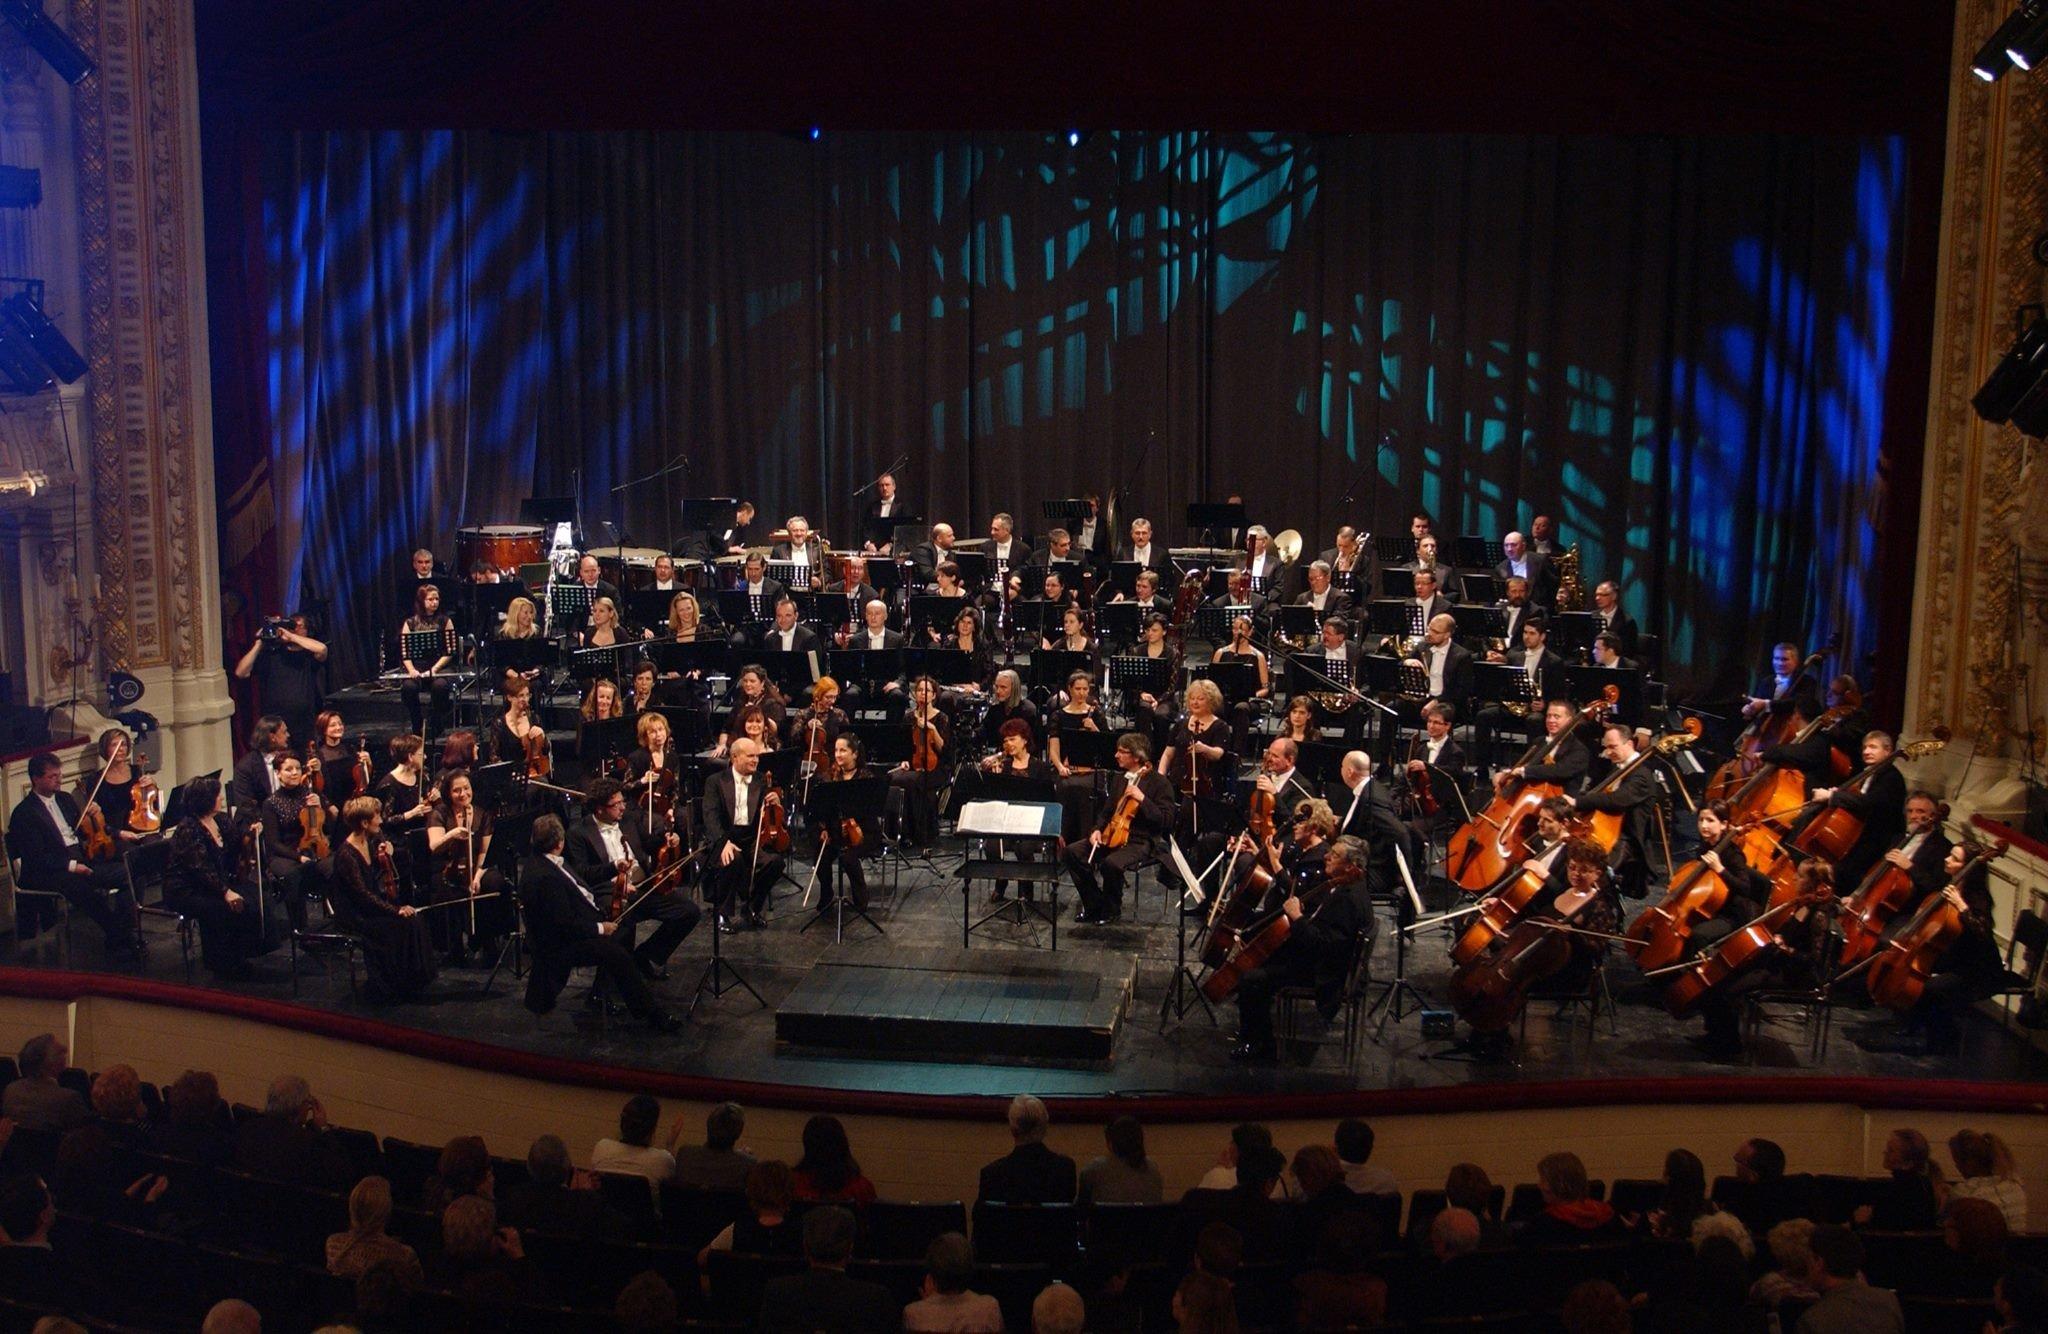 Szekszárdon ad újévi gálakoncertet a Szegedi Szimfonikus Zenekar